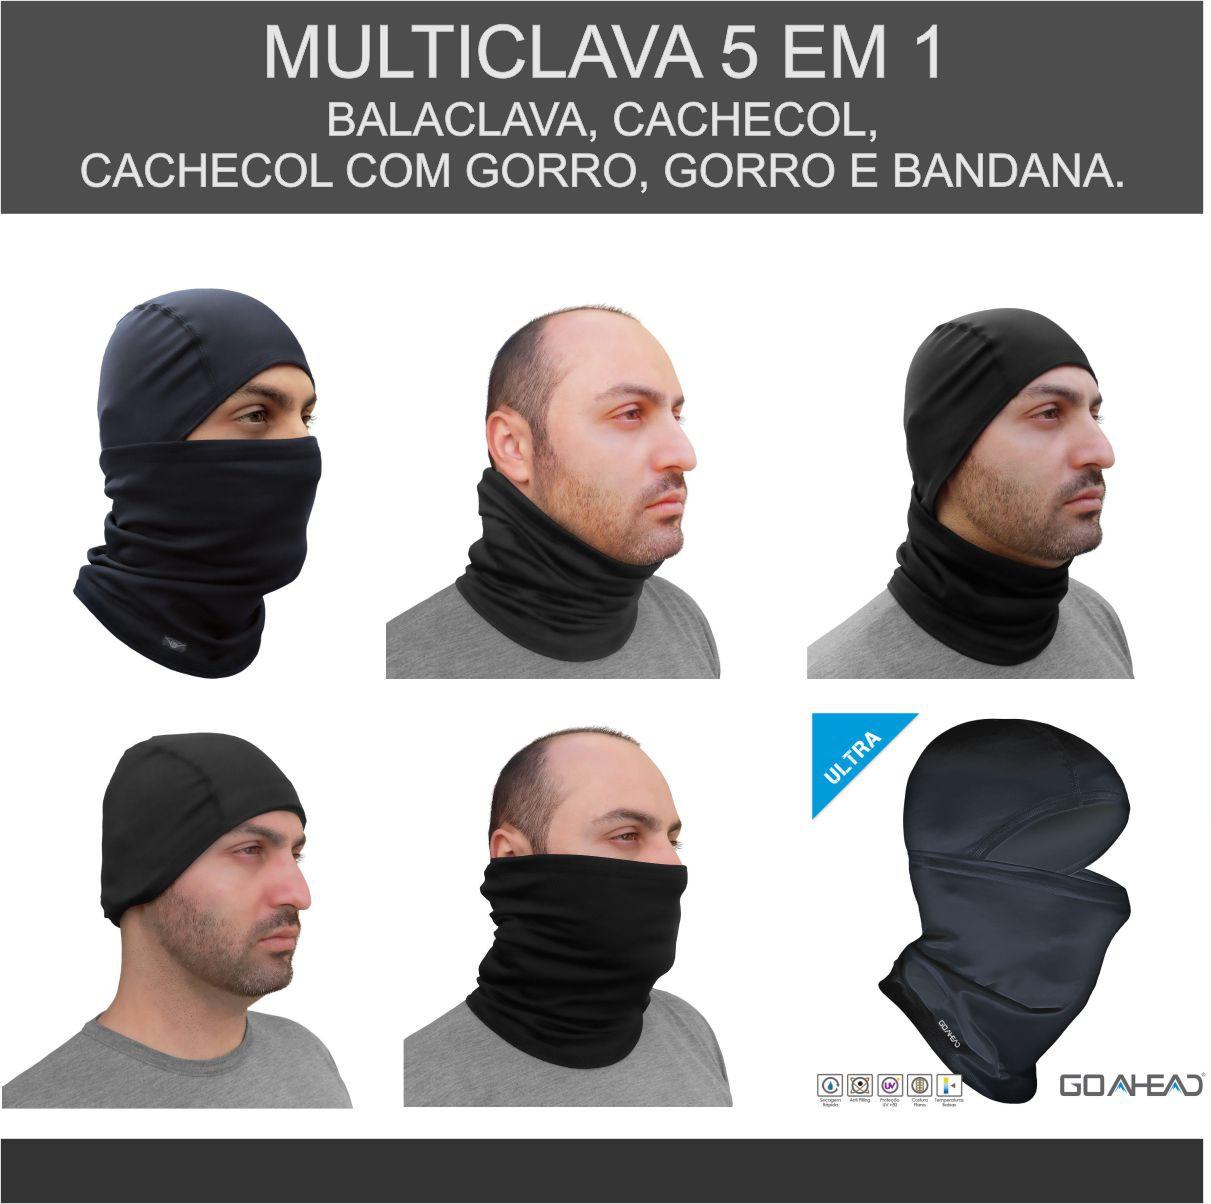 KIT C/ 02 MULTICLAVA GO AHEAD PRETO TAMANHO ÚNICO EXTREME PROTEÇÃO FRIO EXTREMO INVERNO